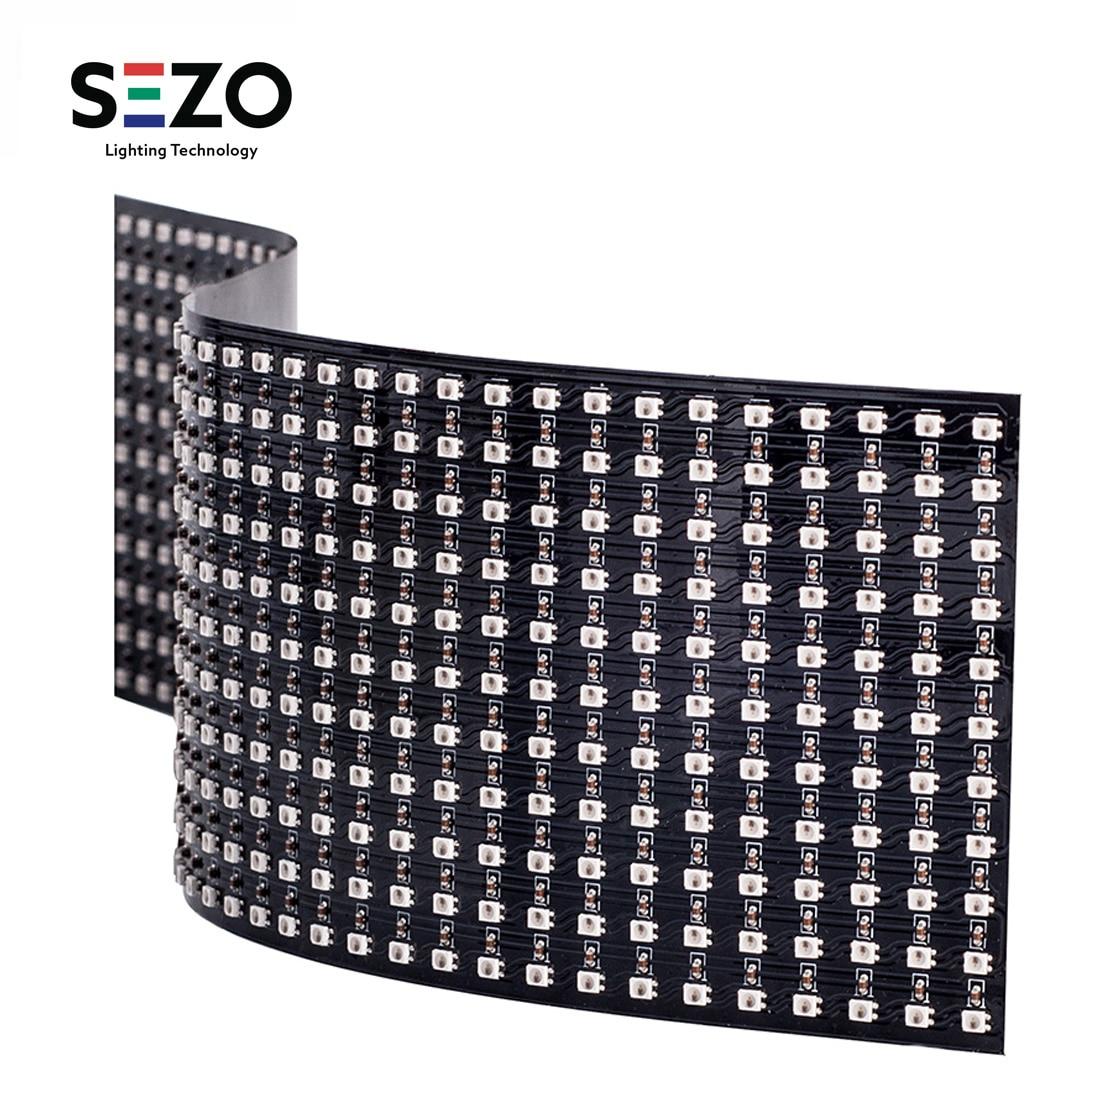 WS2812B Mini écran de panneau LED rgb Flexible numérique 2427 SMD 11x44/22x22 rêve complet ColorDigital adressable individuellement DC5V